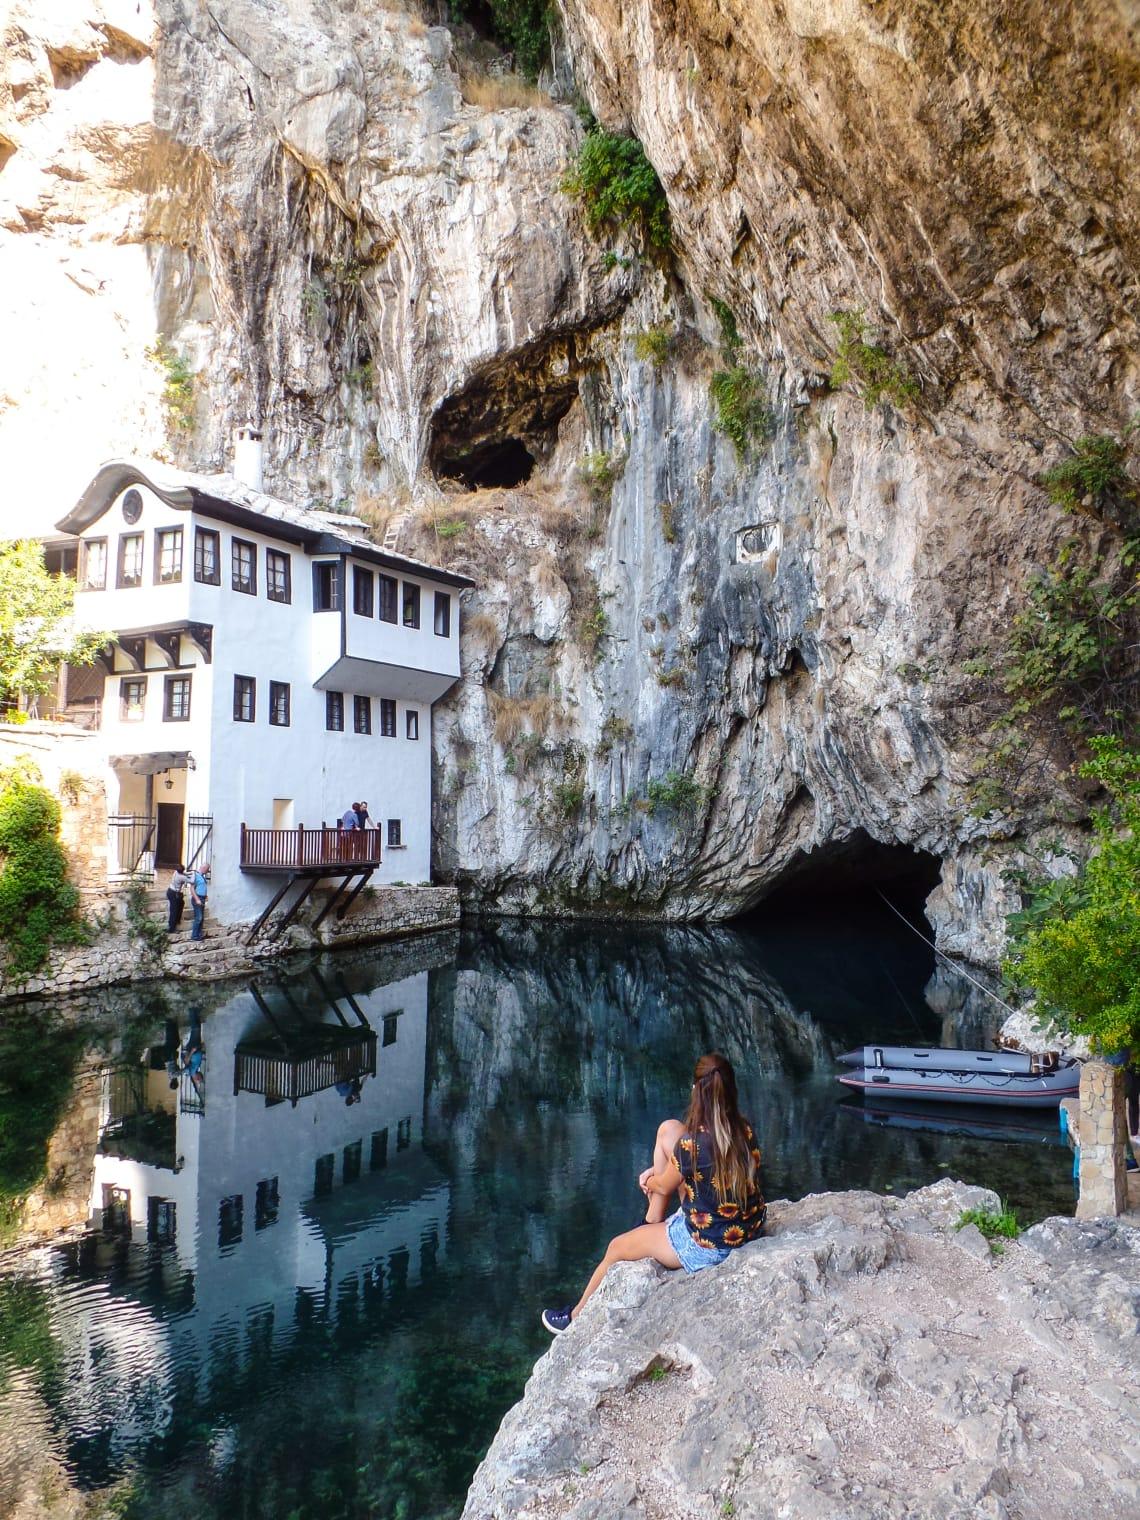 Passe por Montenegro durante seu mochilão pela Europa